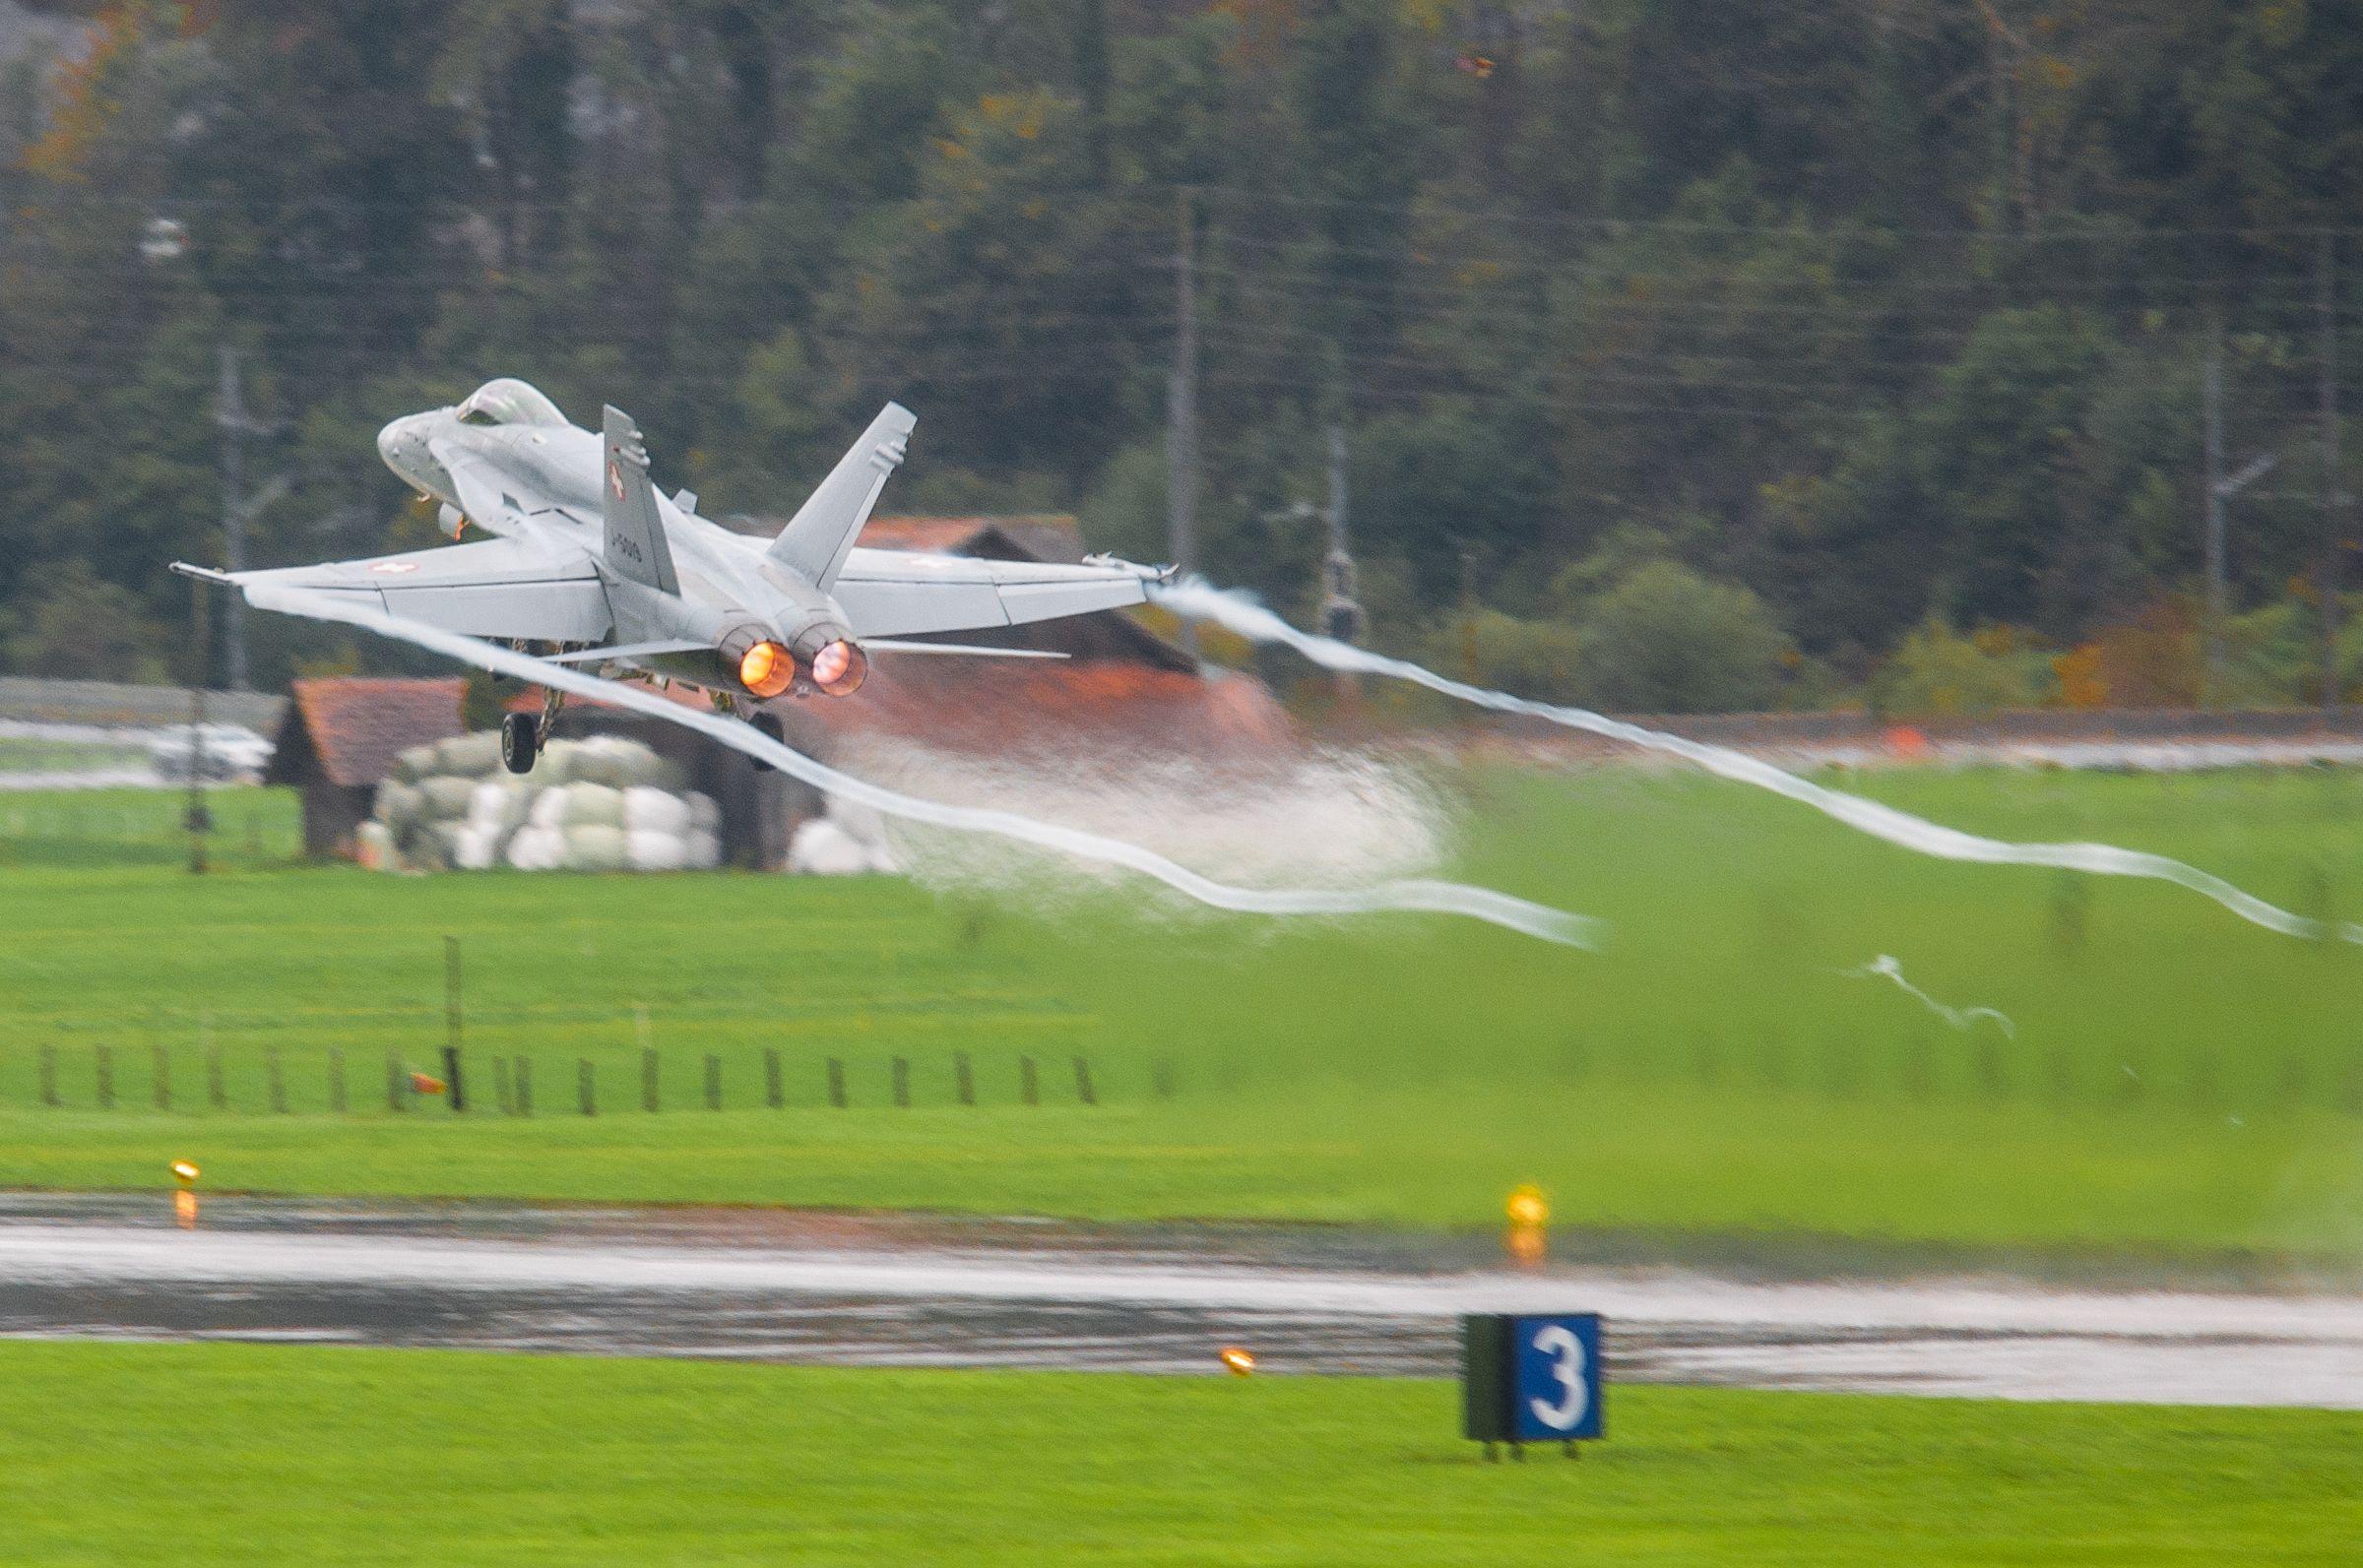 Air force live fire event Axalp 2012 - 10-11 Oct 2012 - Pagina 2 000140